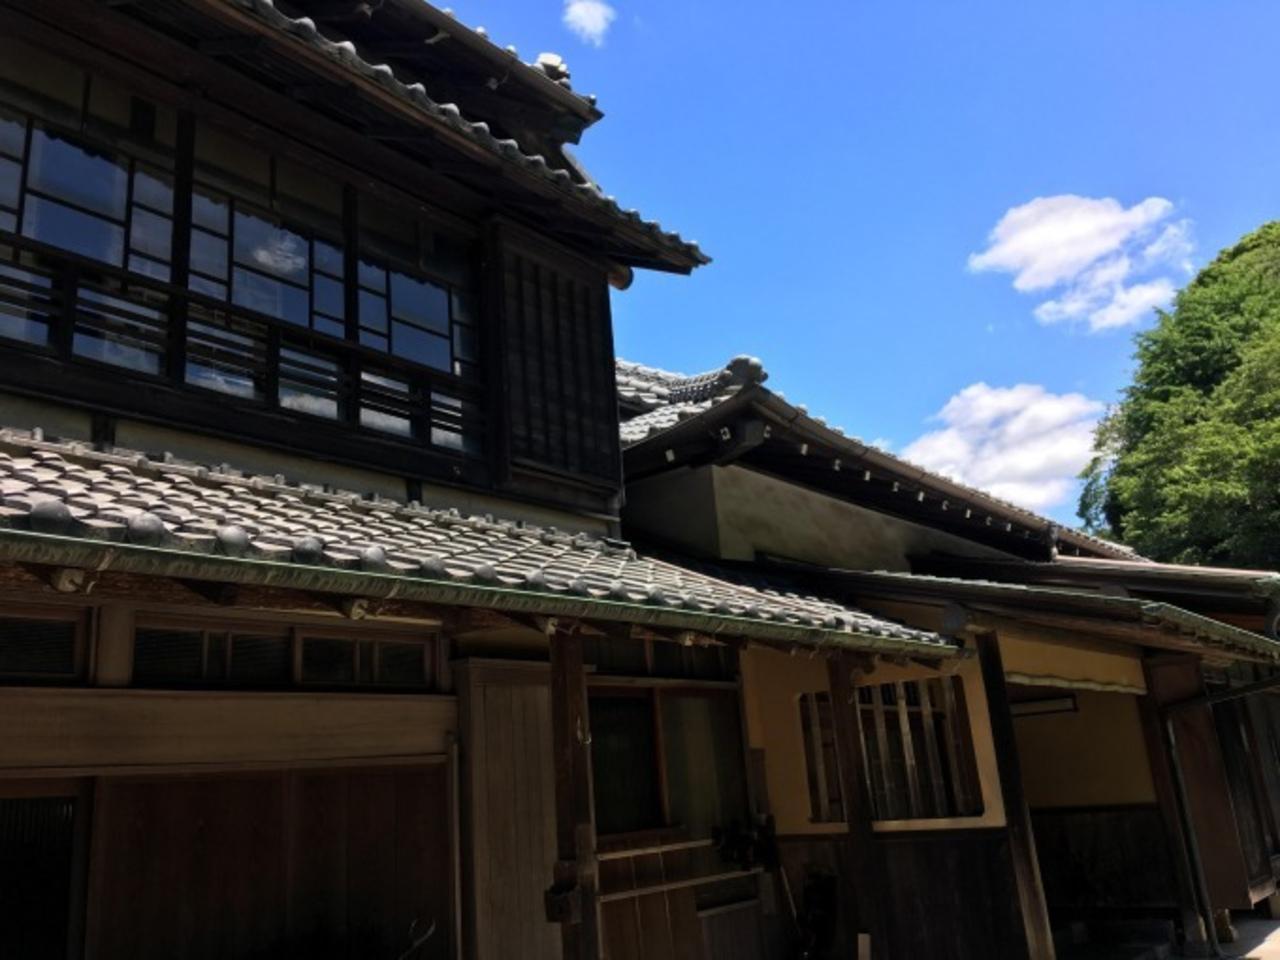 安政2年建築の古民家がホテルへ「鎌倉 古今」2019年1月7日開業!